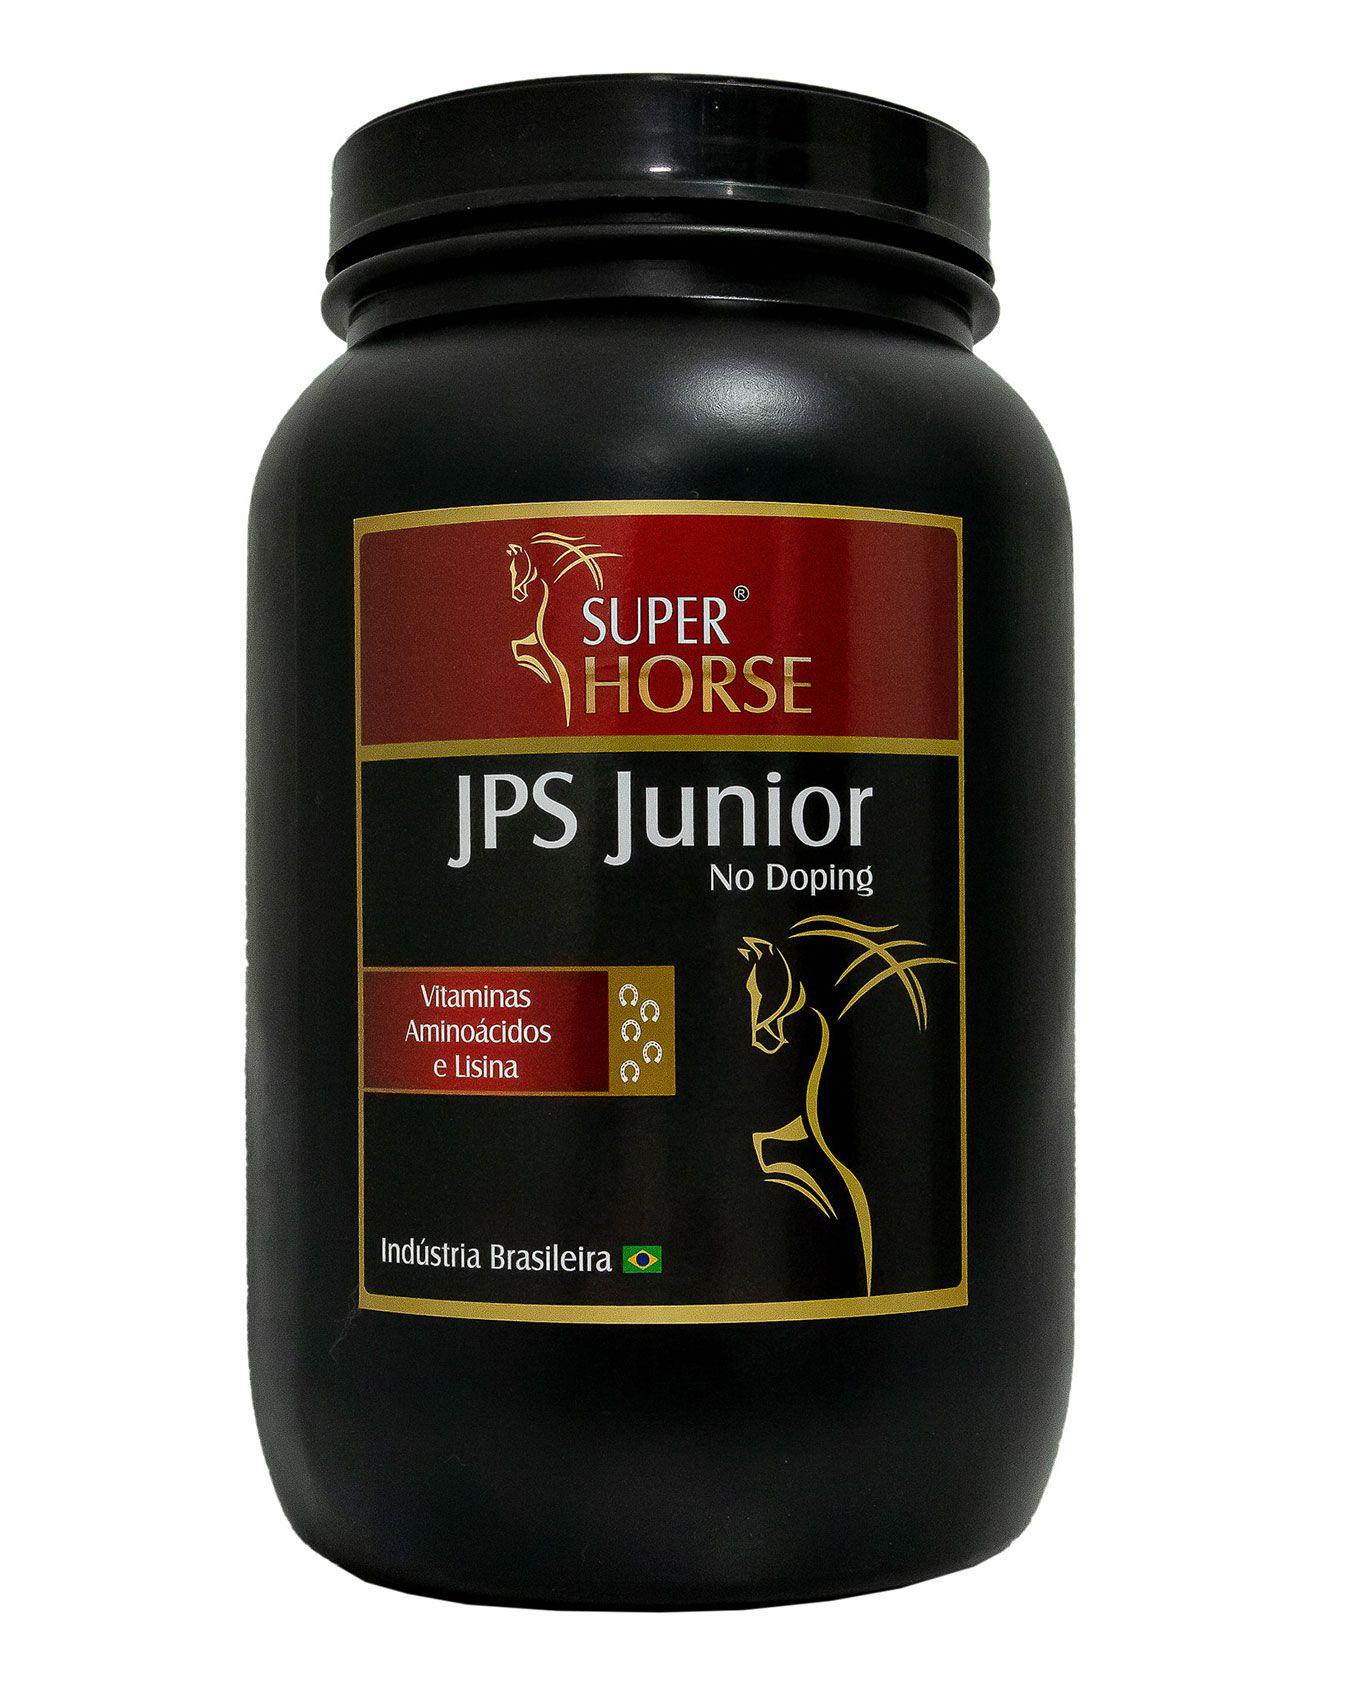 Super Horse JPS Junior, 10 kg rende em até 400 dias.